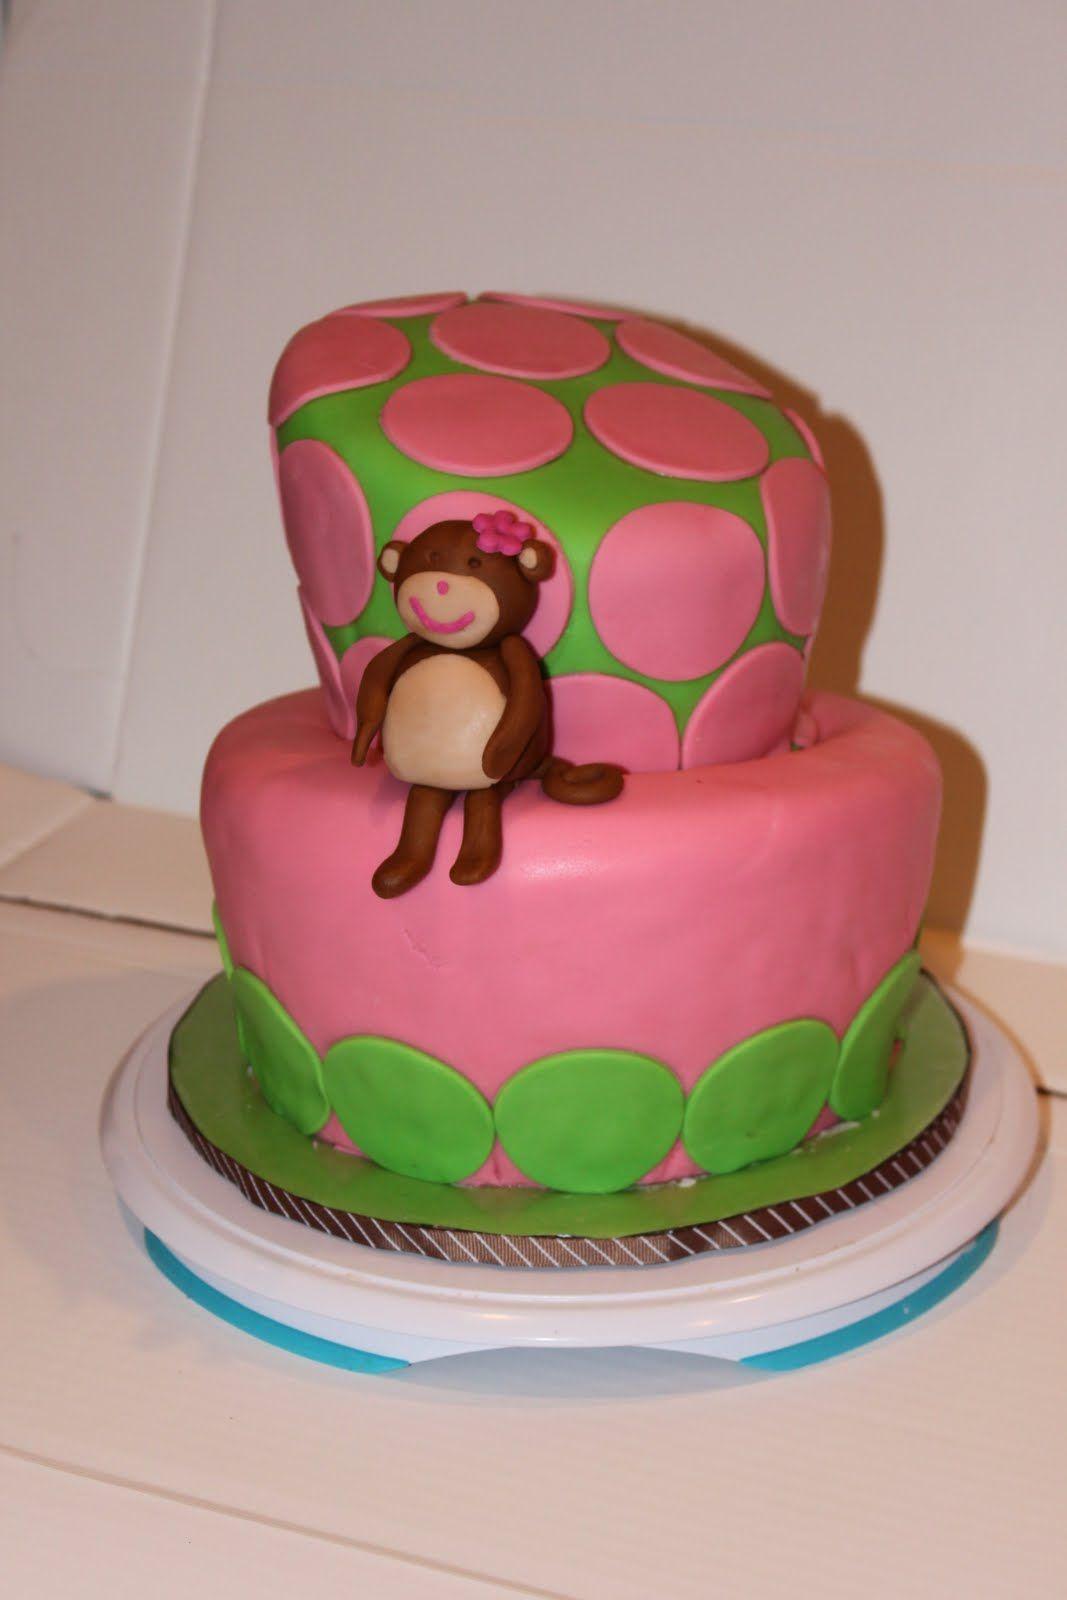 Schnucks Birthday Cakes Red Velvet Cake Torte Danis Cupcakes Youtube